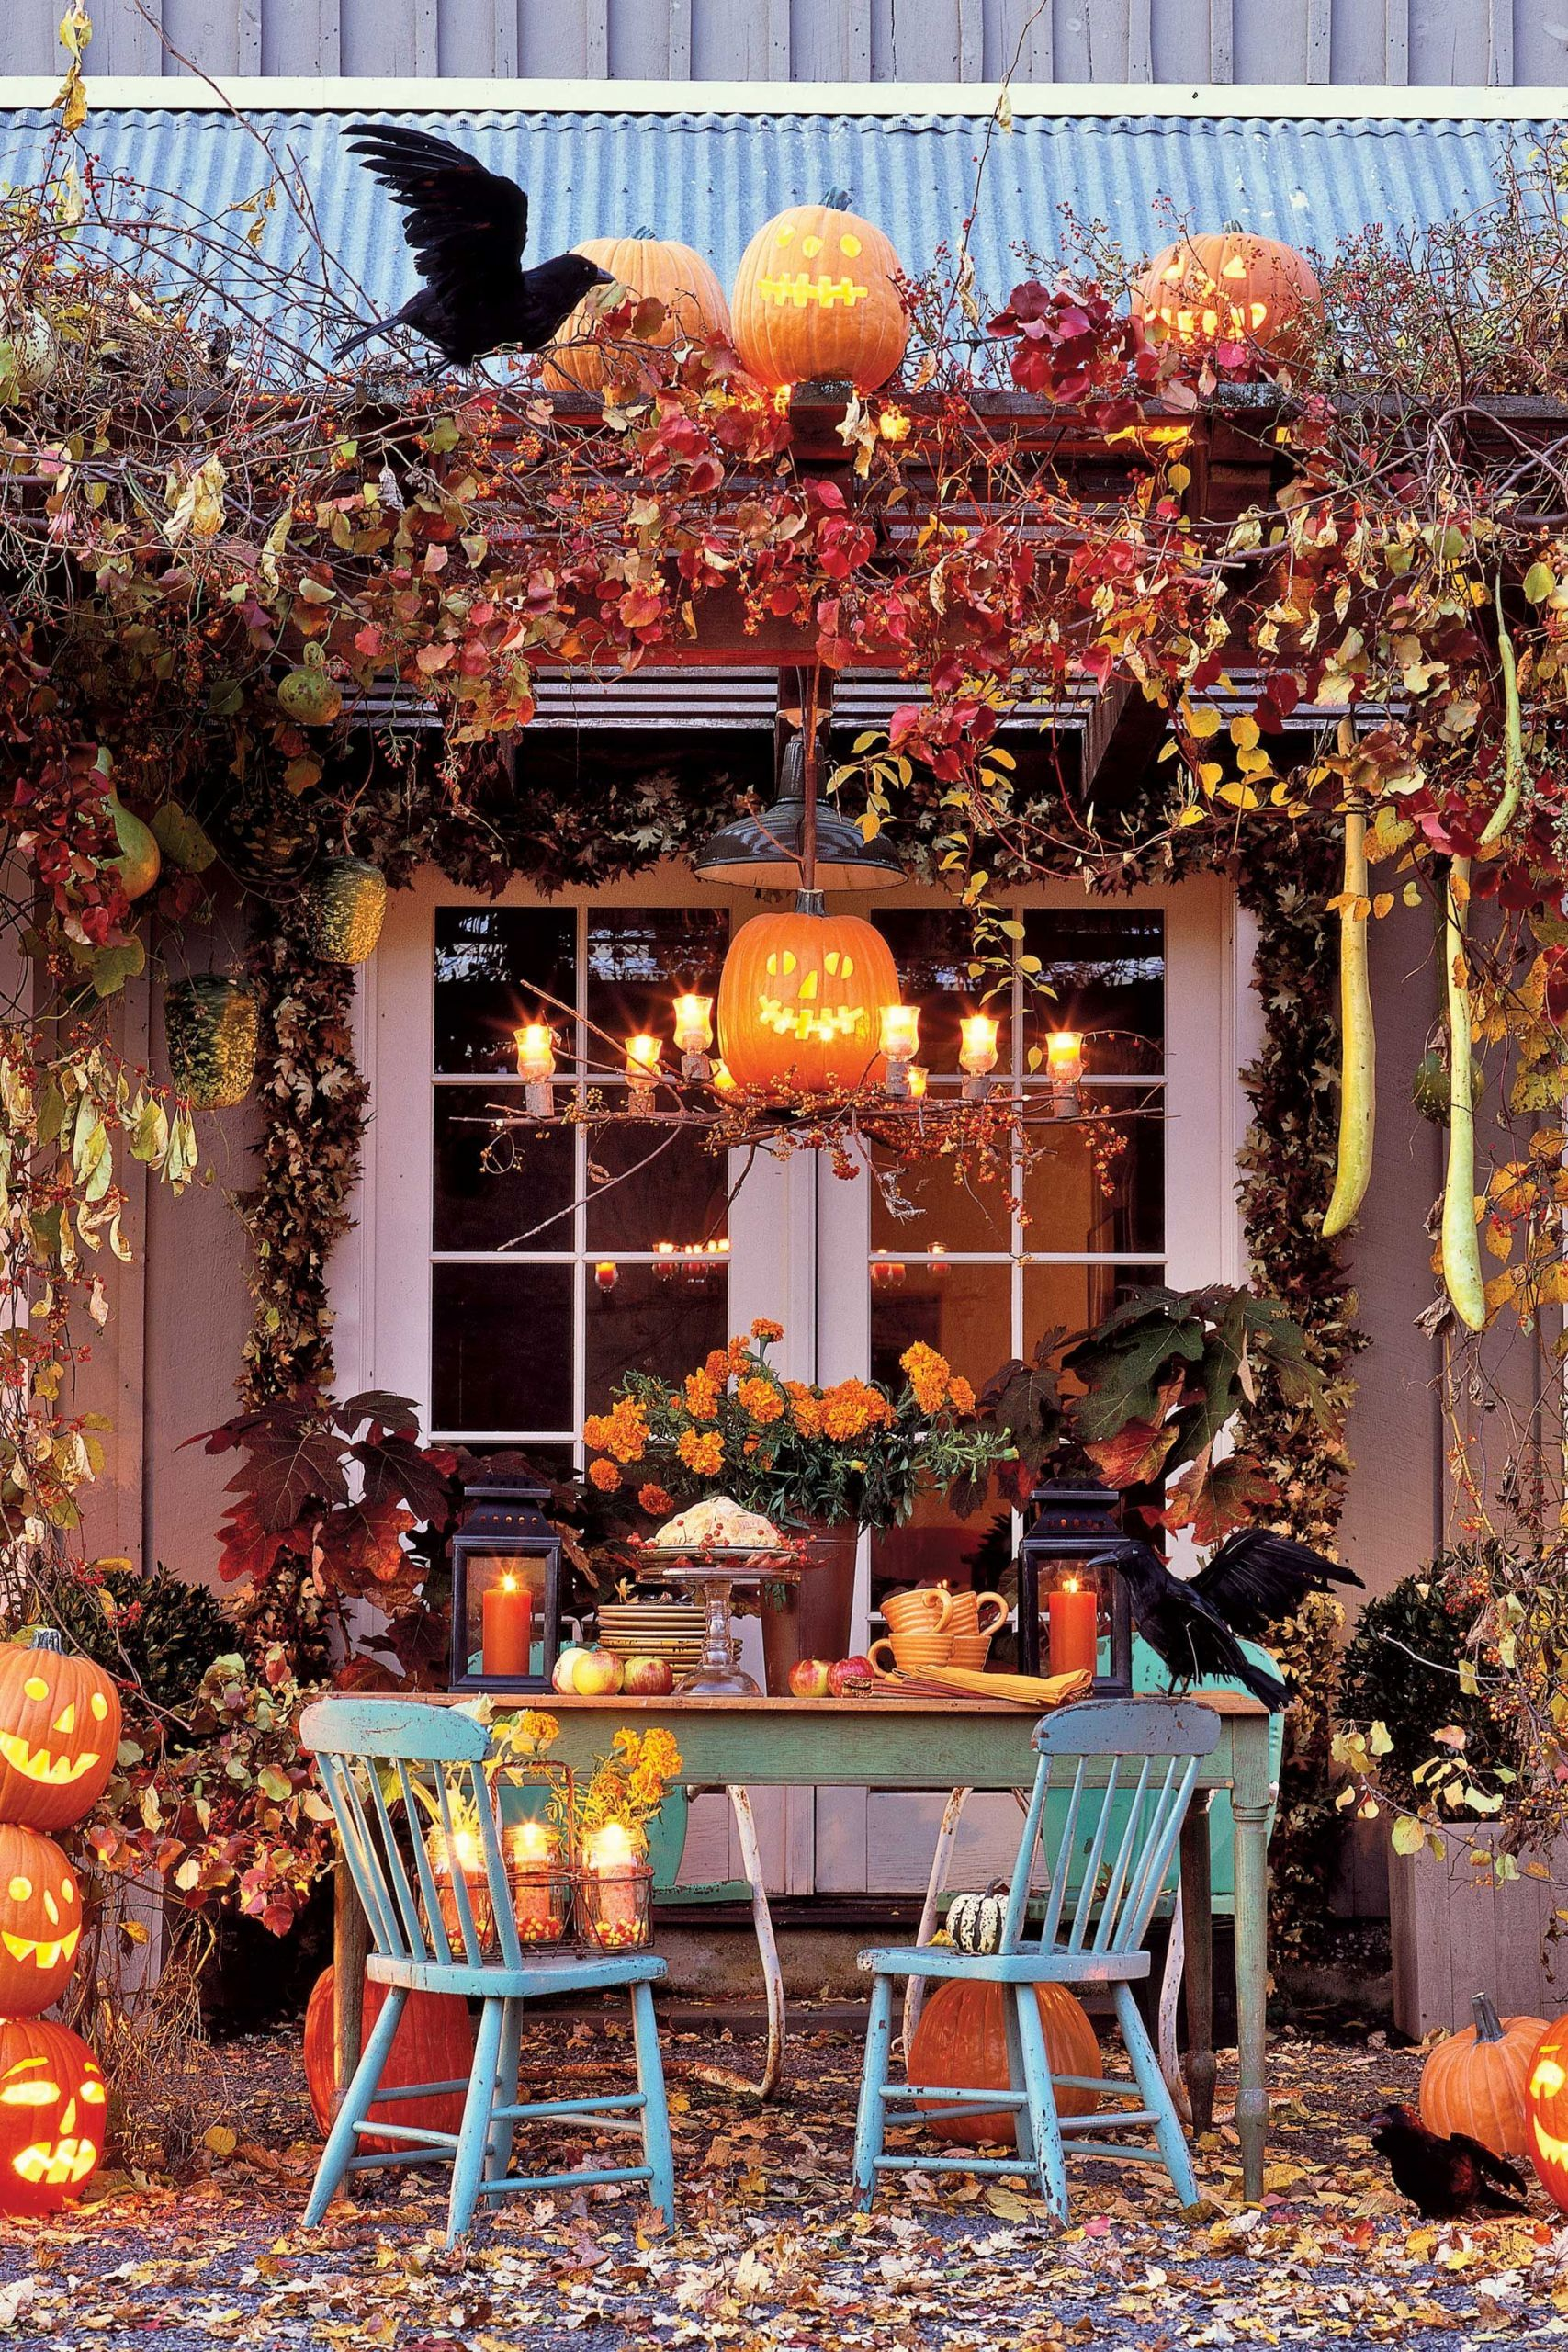 H3 Inspirational Halloween Home Decor H3 Https Www Toplivingroom Com Halloween Home Decor Dekorasi Halloween Dekorasi Musim Gugur Halloween Diy